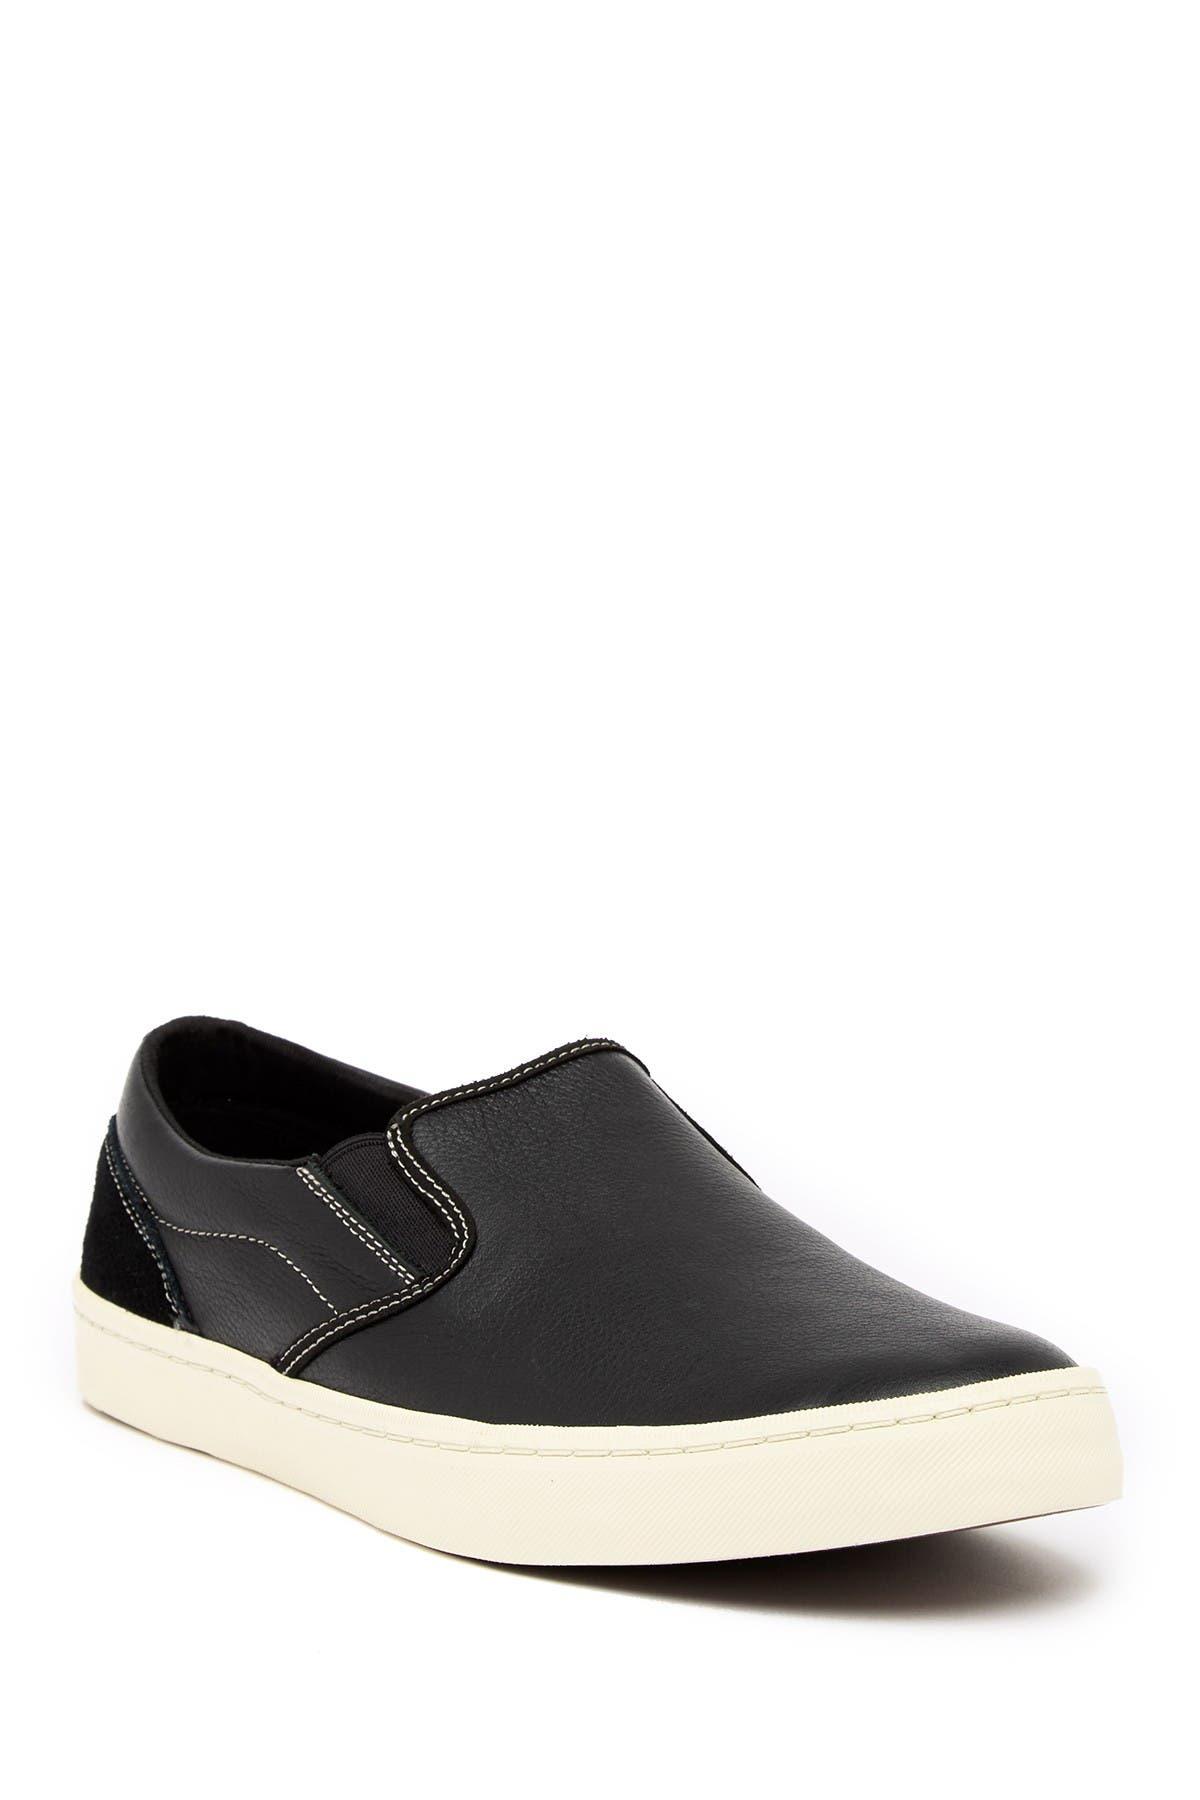 Cole Haan   Nantucket Deck Leather Slip